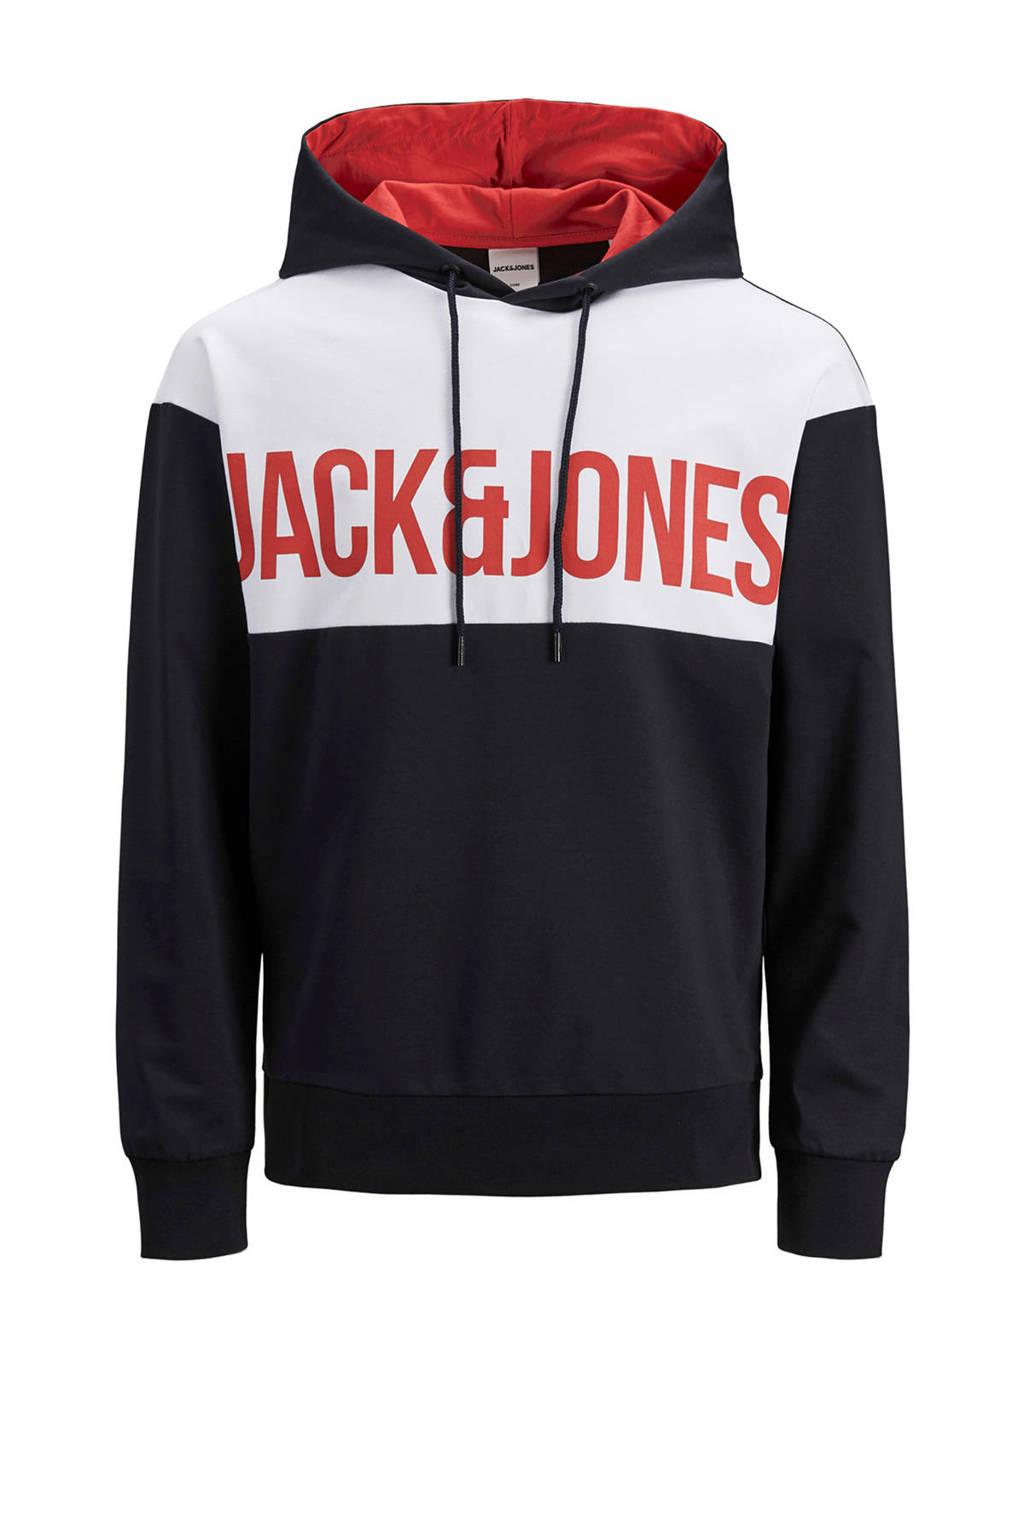 JACK & JONES JUNIOR hoodie Henry met tekst zwart/wit/rood, Zwart/wit/rood